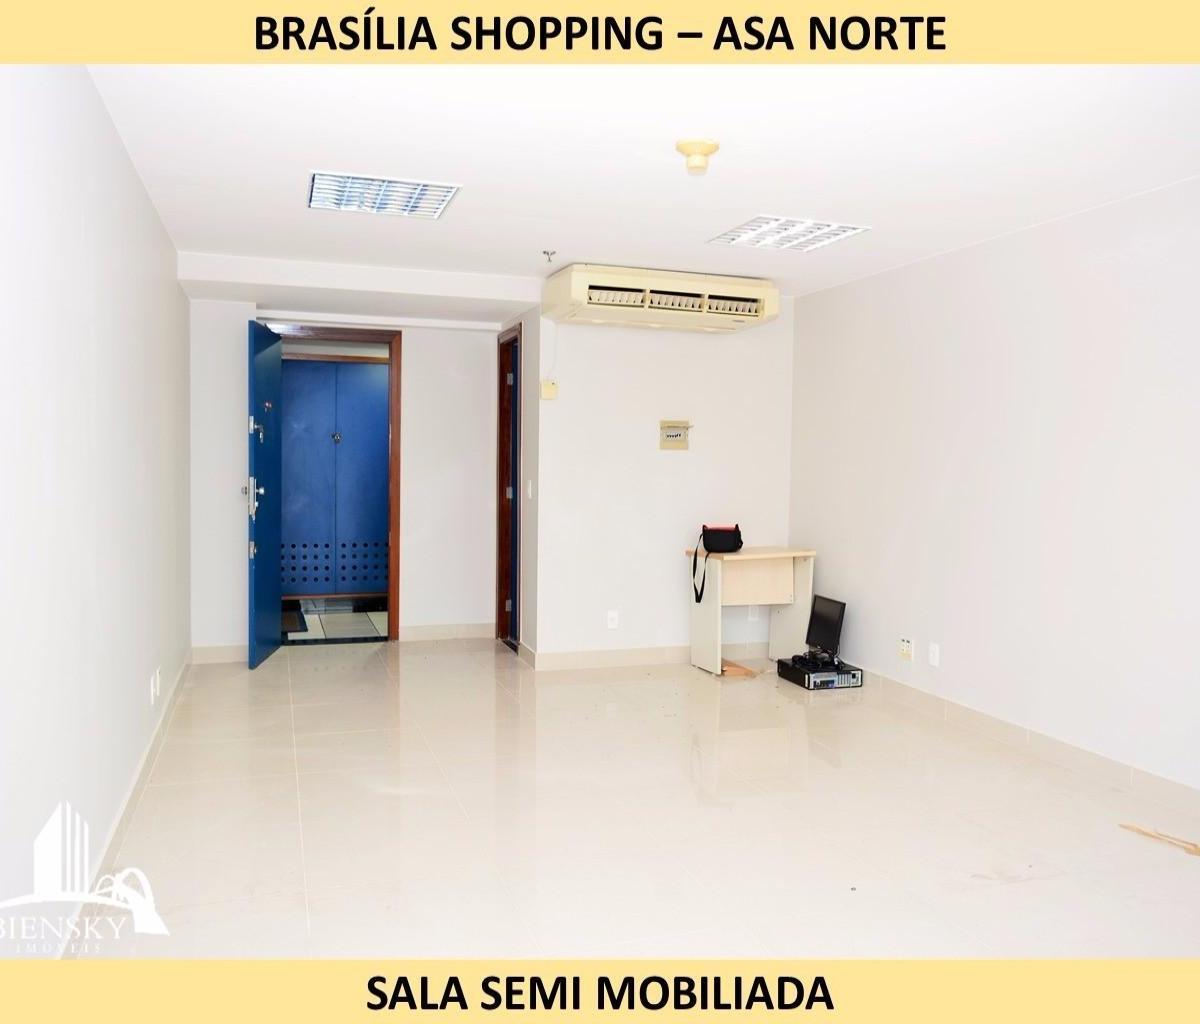 Imagens de #B79014 Comercial para aluguel com 0 Asa Norte Brasília R$ 1.600 ID  1200x1024 px 3560 Blindex Banheiro Asa Norte